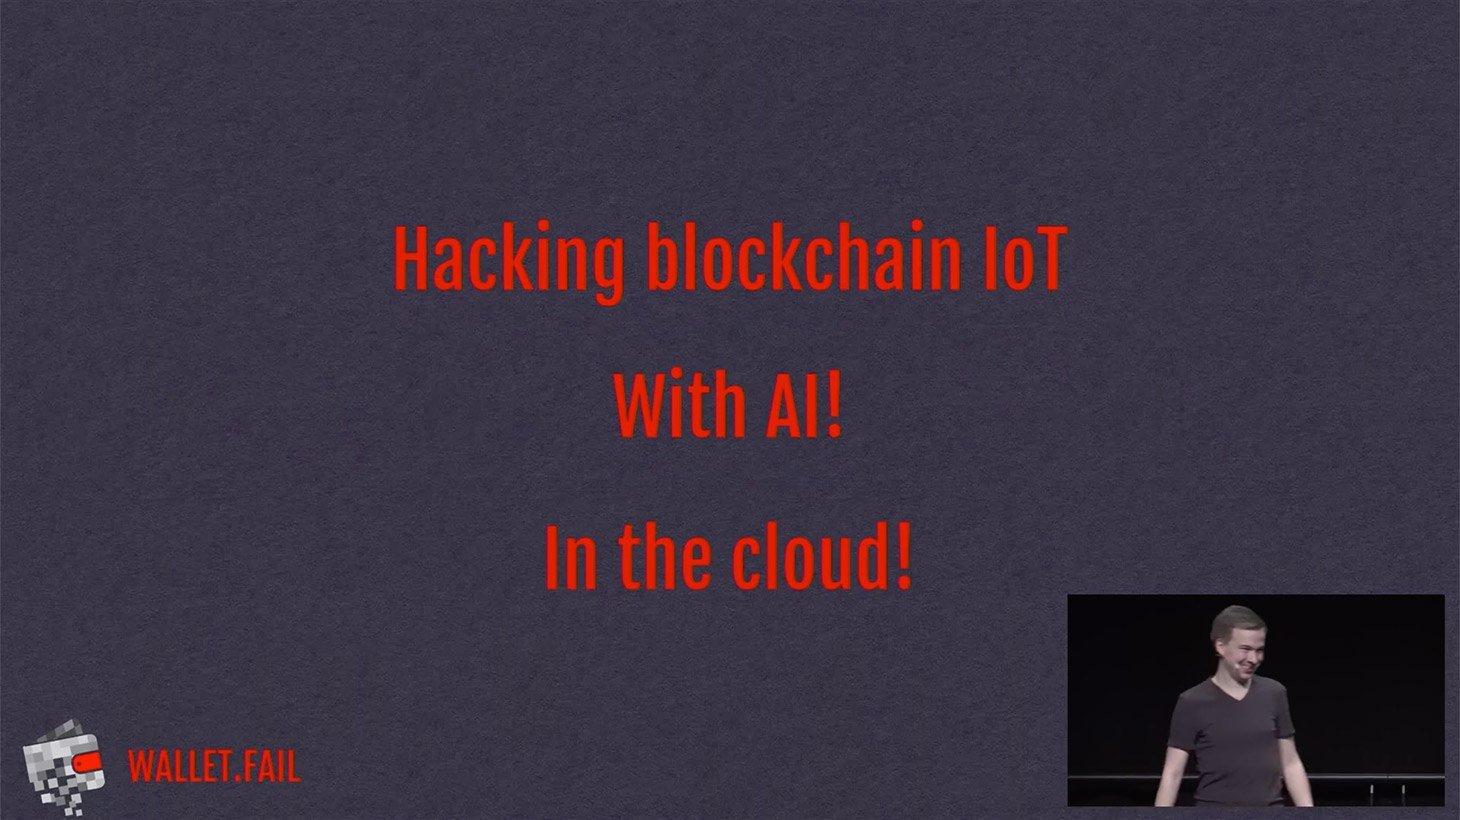 Hackeo de un dispositivo informático de la cadena de bloques con IA en la nube